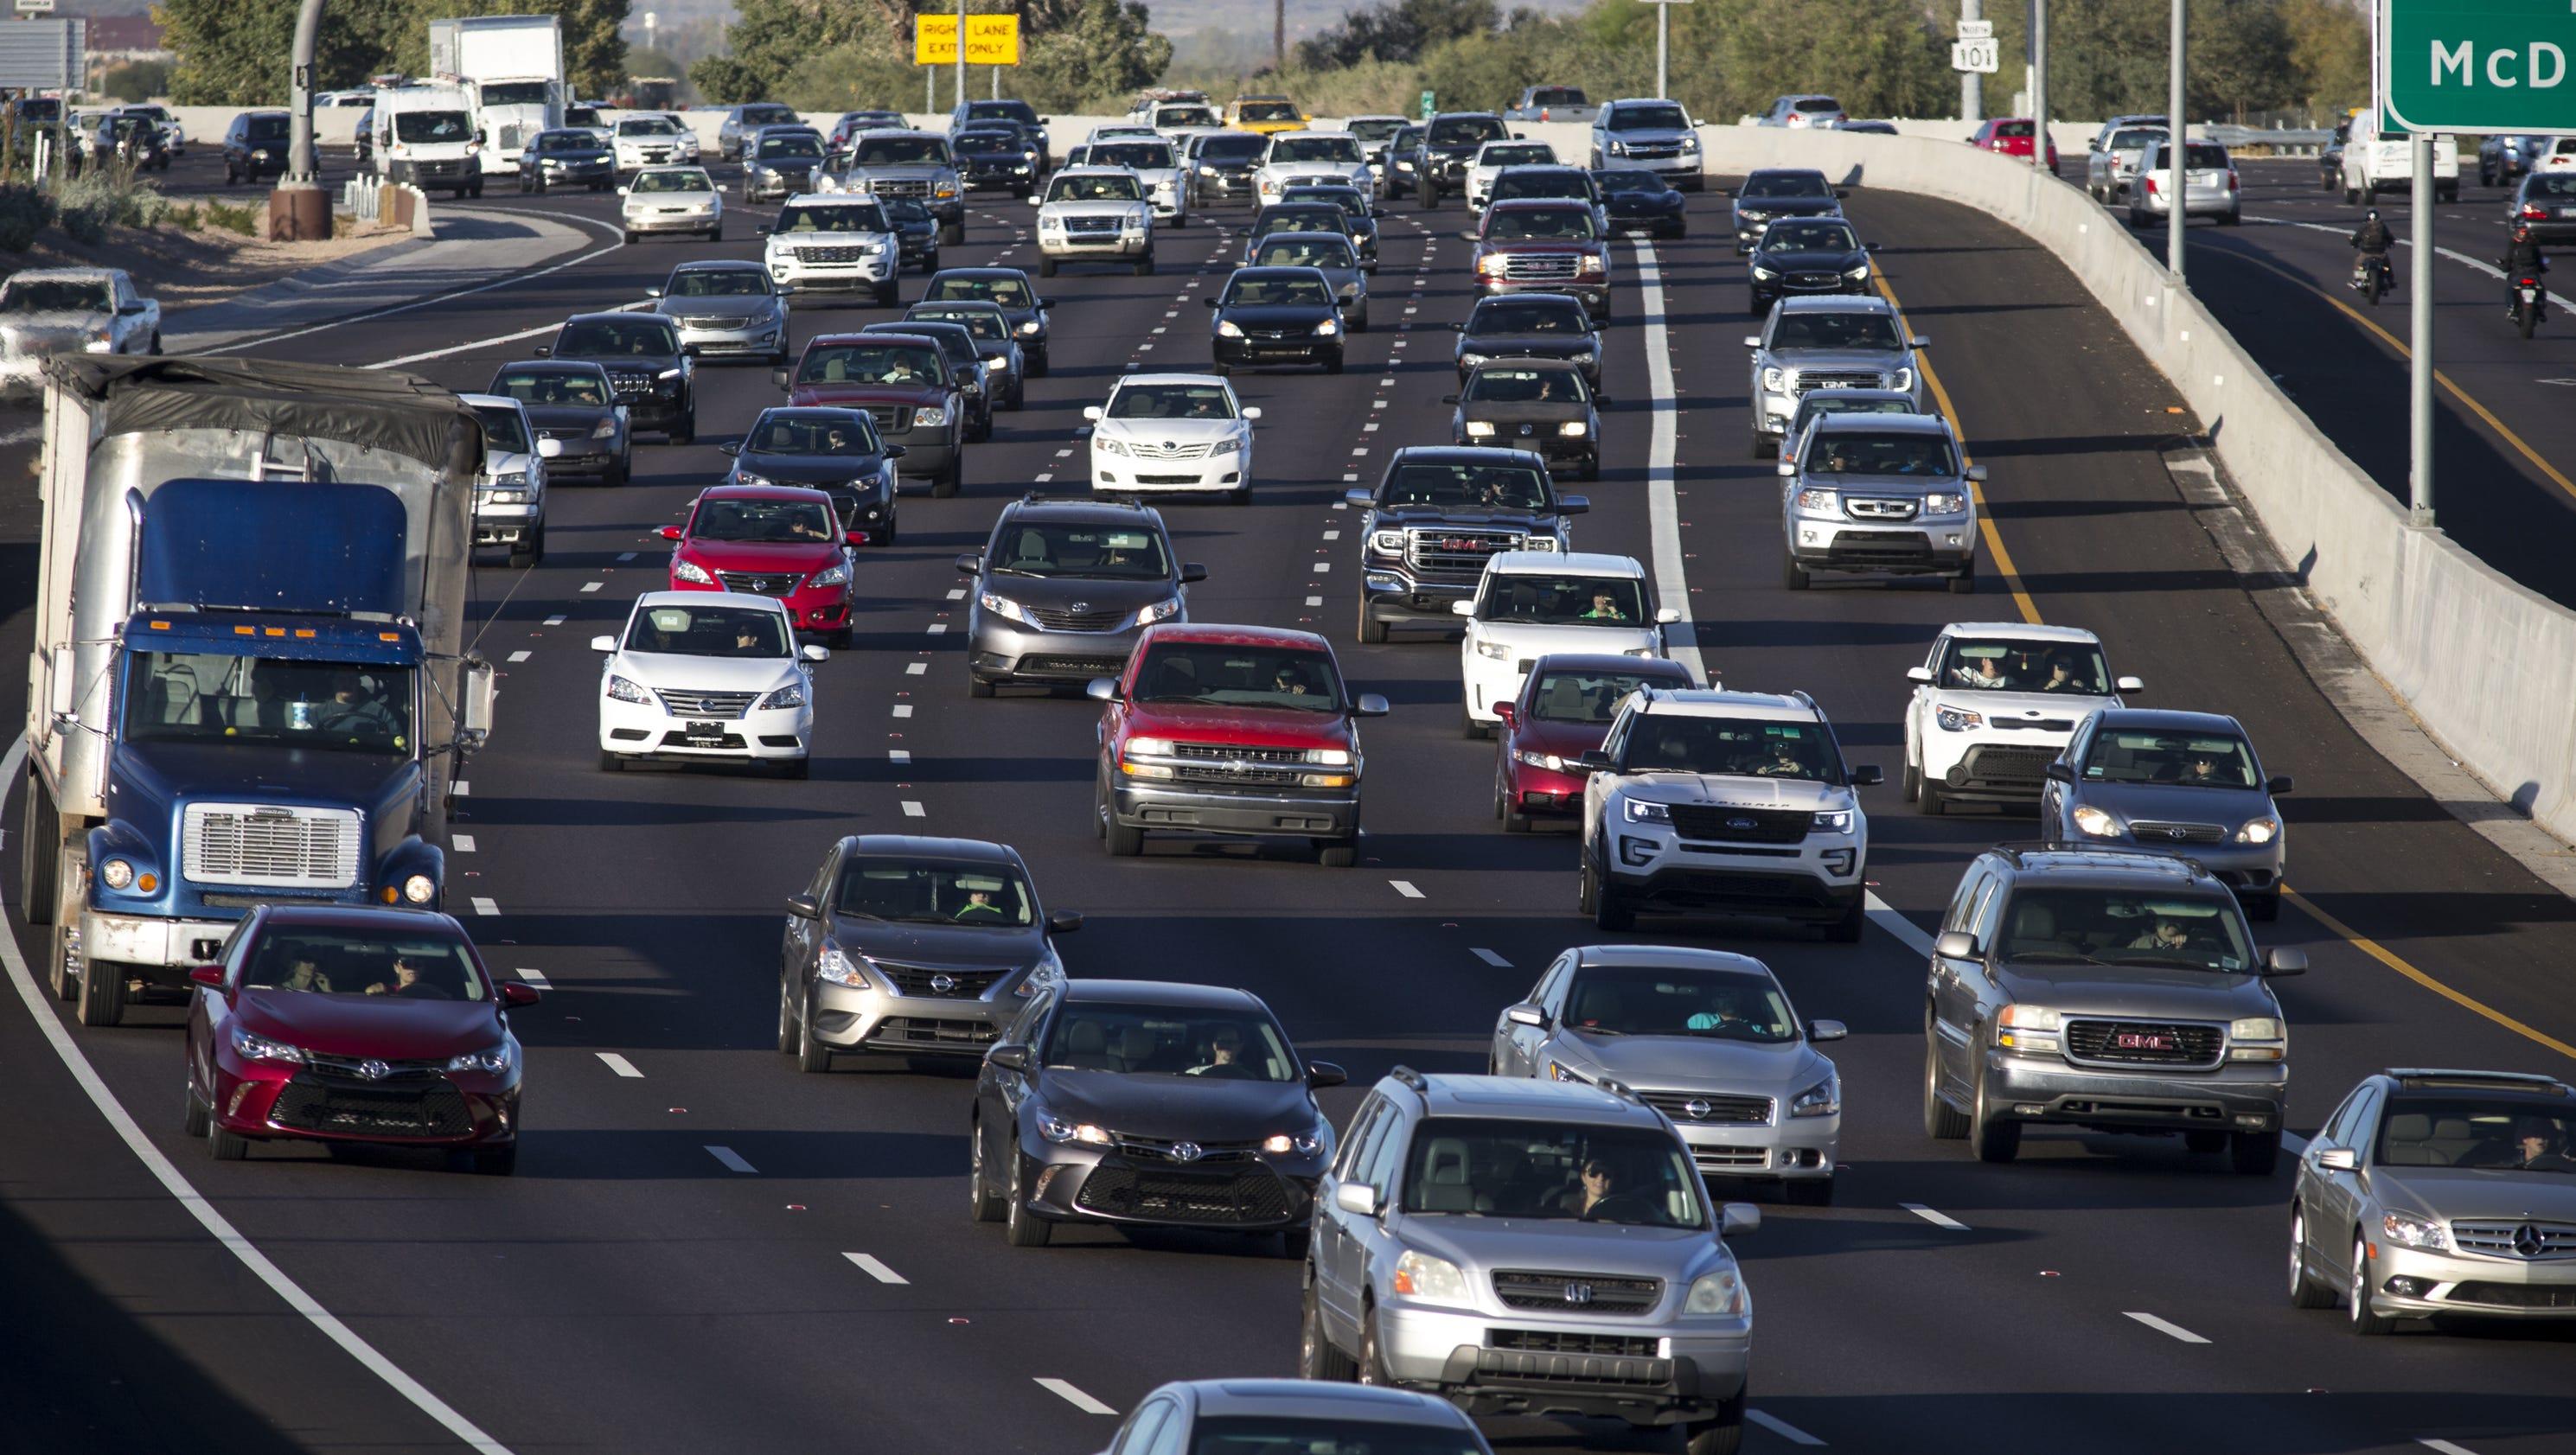 Department of motor vehicles scottsdale az for Arizona department of transportation motor vehicle division phoenix az